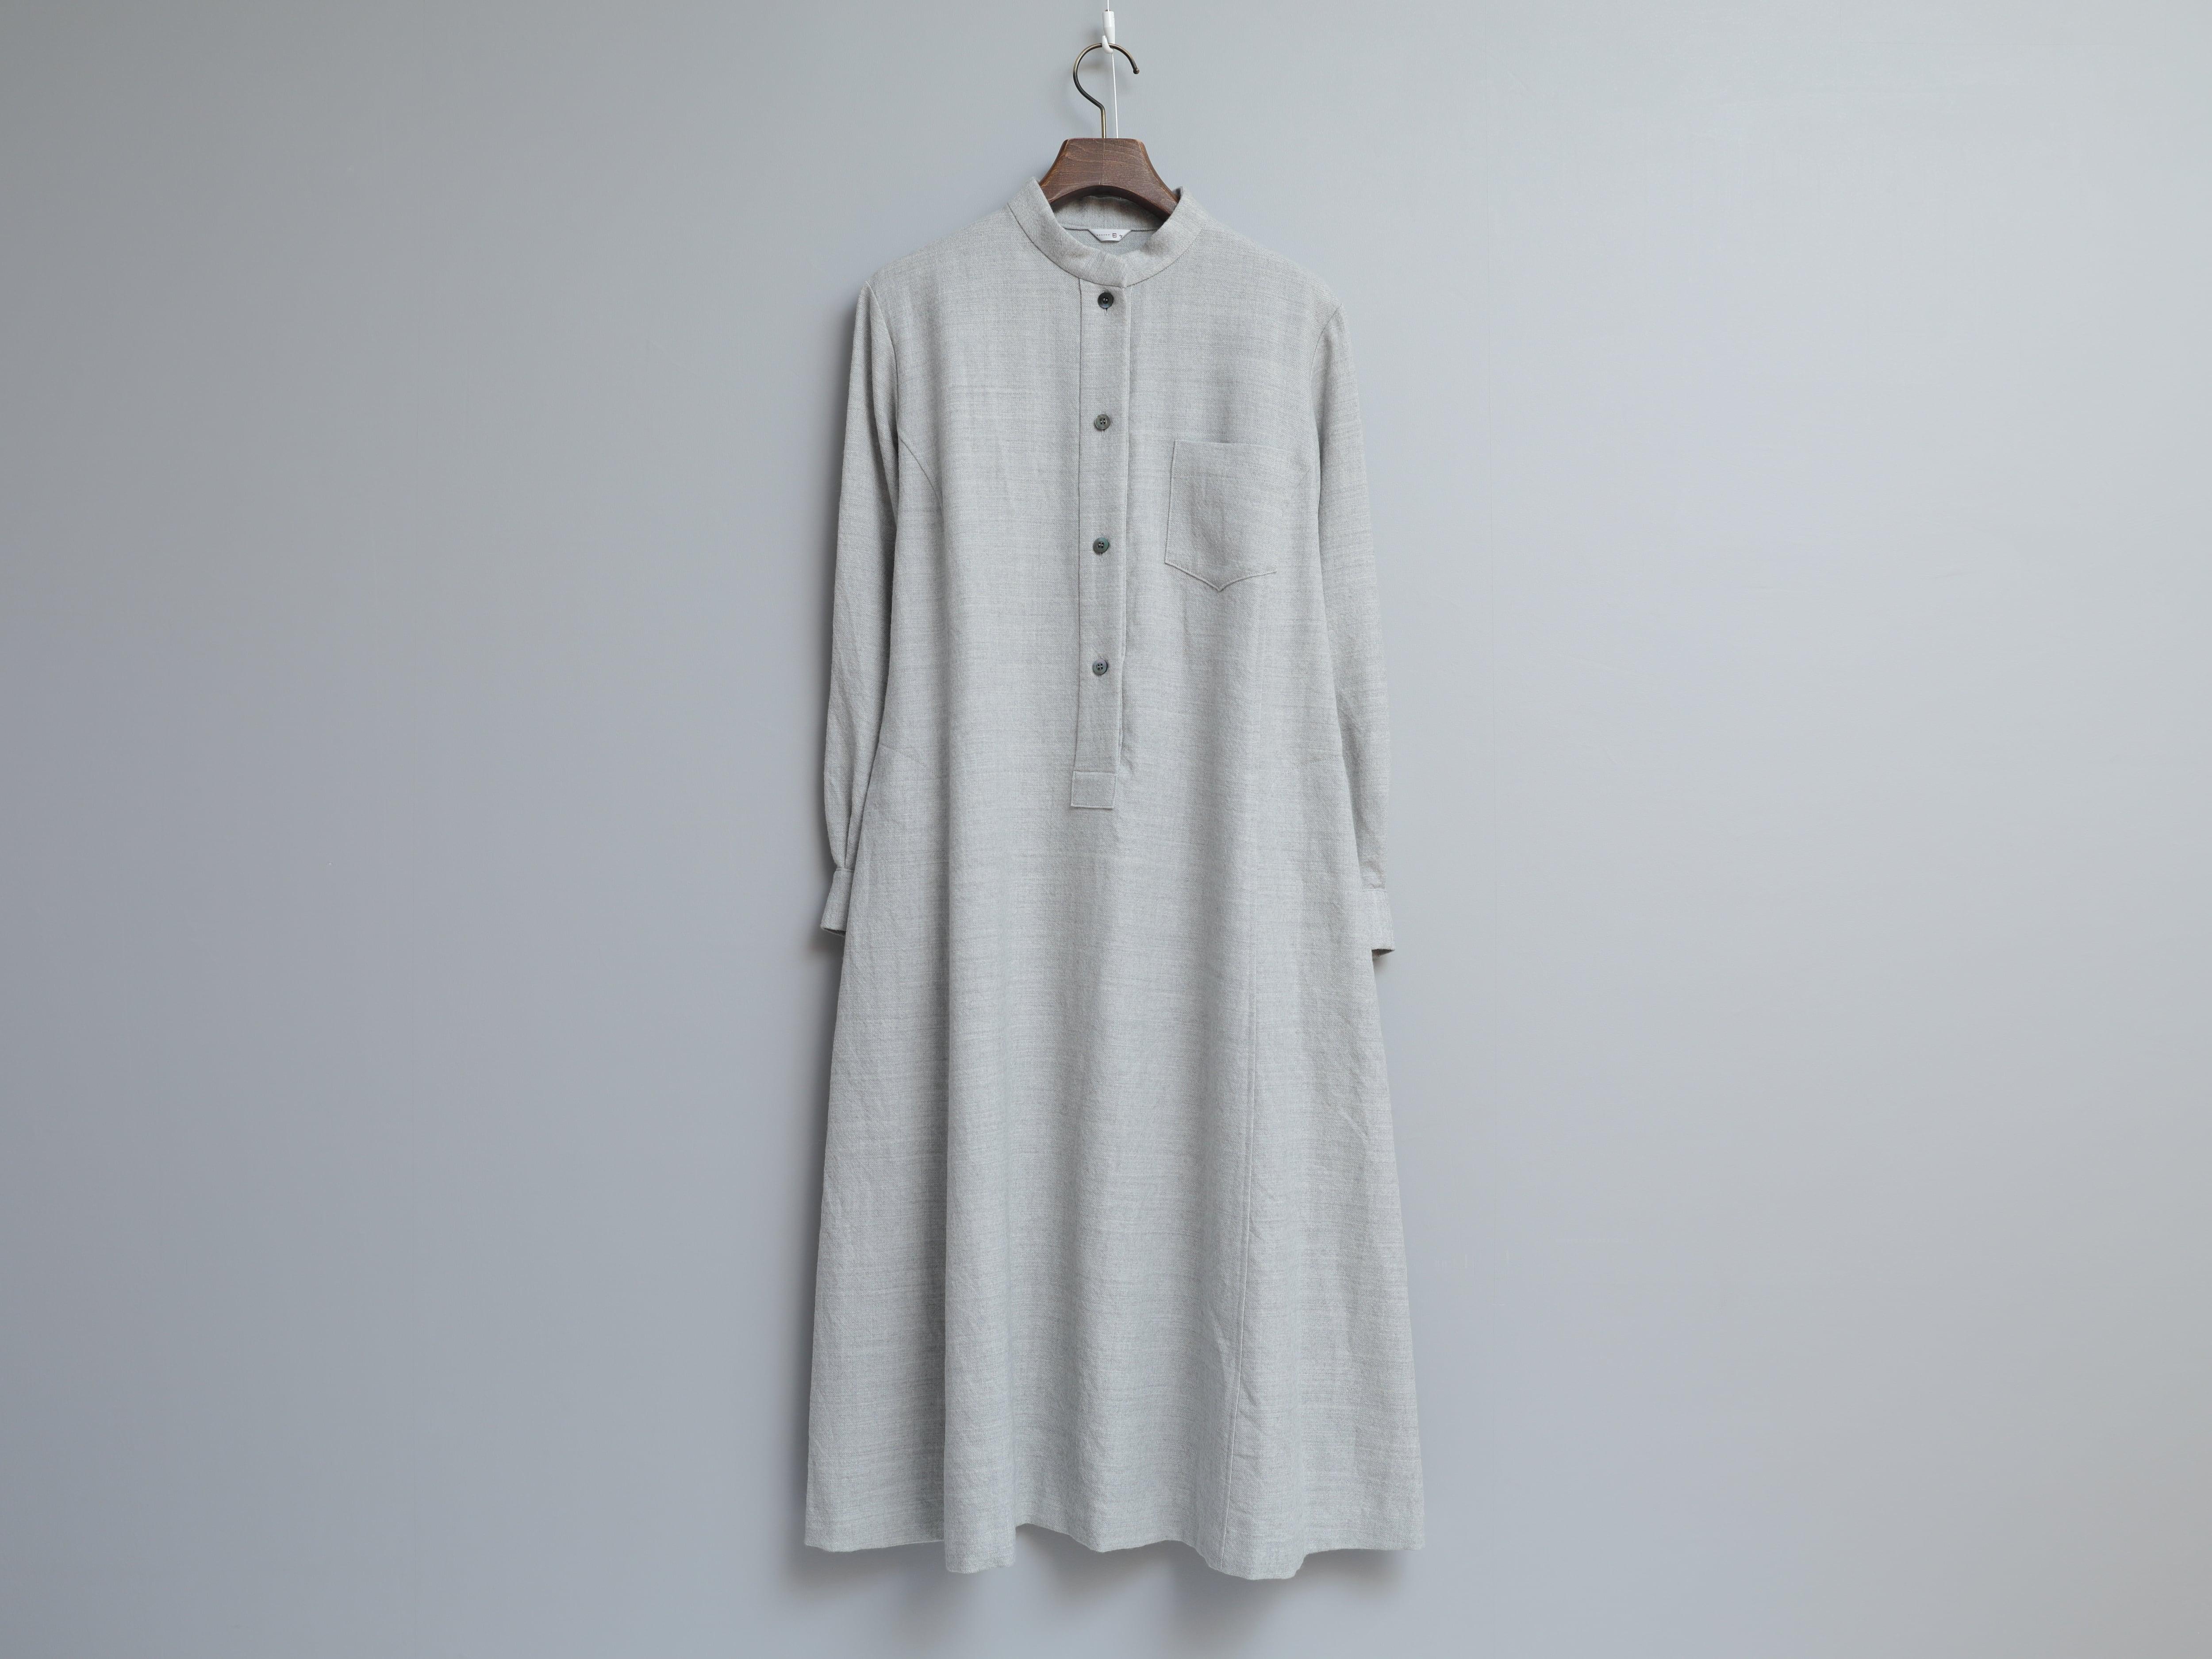 やわらかウール綾織りのスタンドカラーワンピース